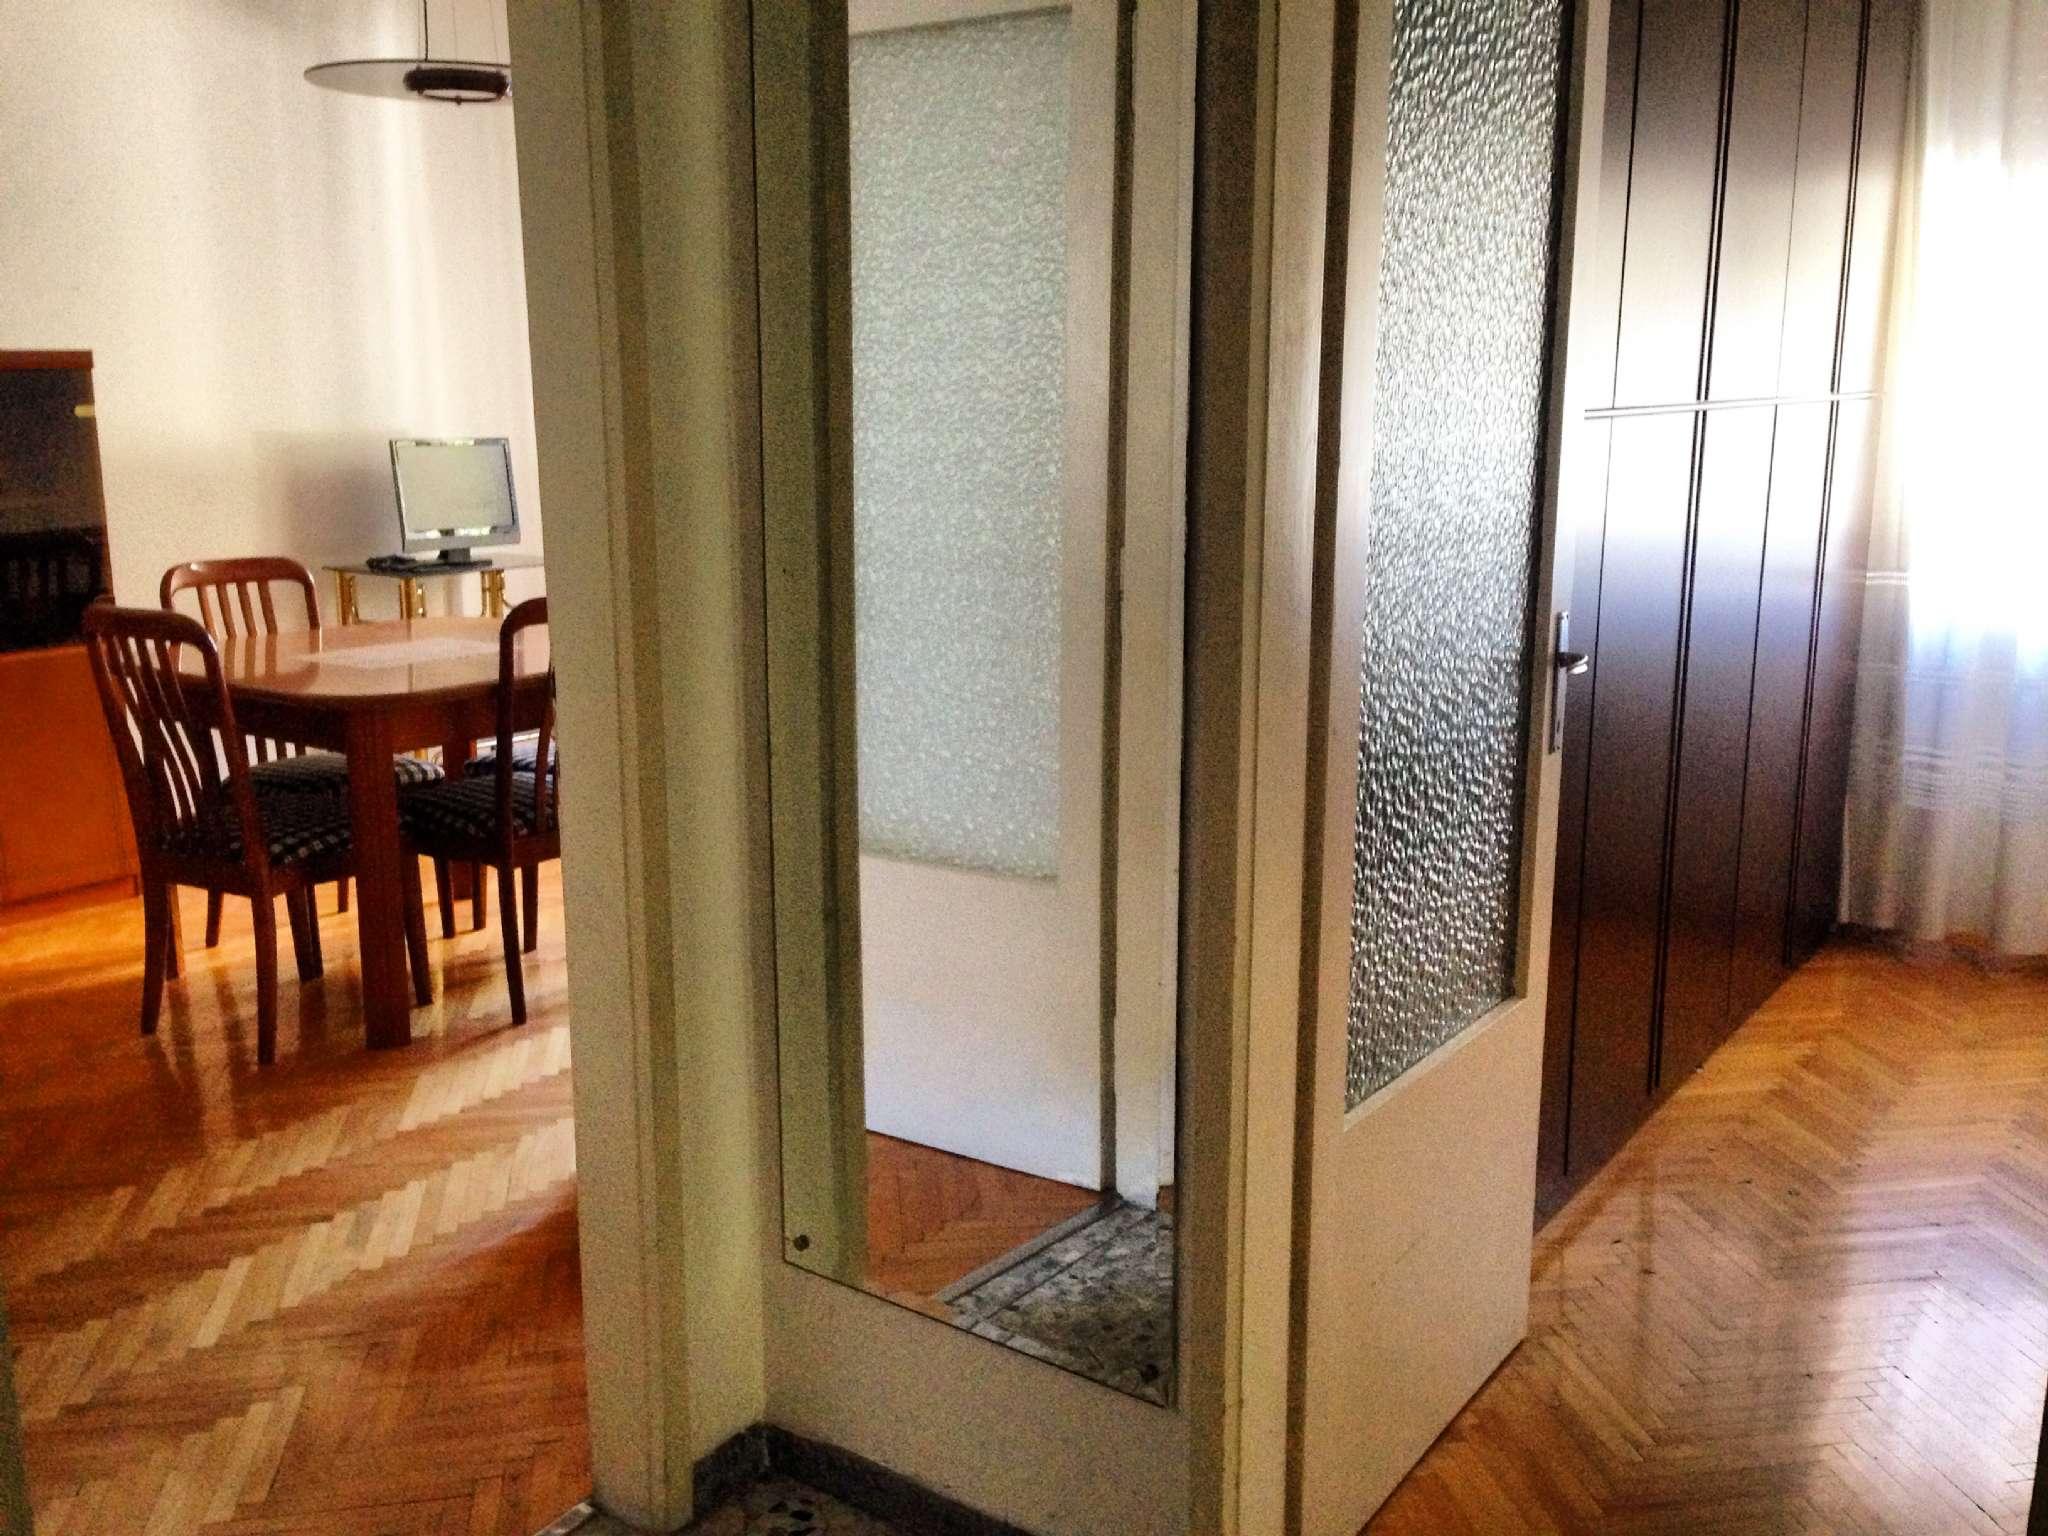 Appartamento in vendita a Trieste, 2 locali, prezzo € 58.000 | CambioCasa.it